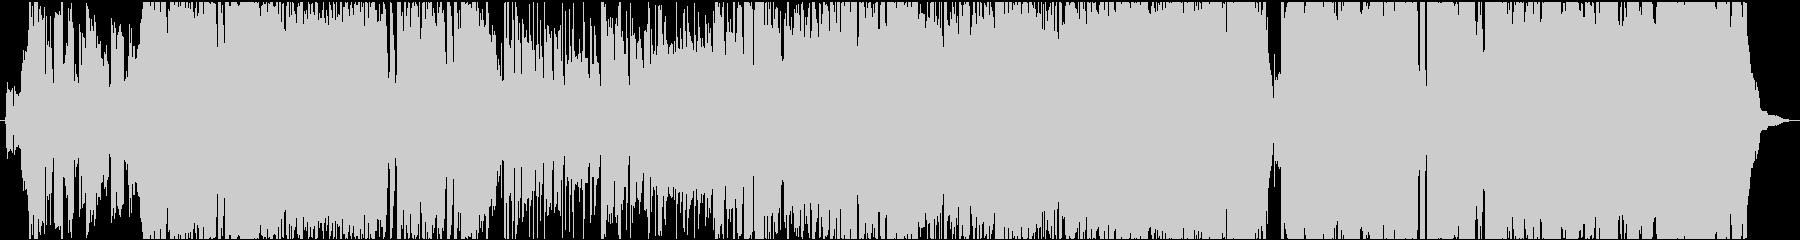 アニソン風アップテンポなマイナーポップスの未再生の波形